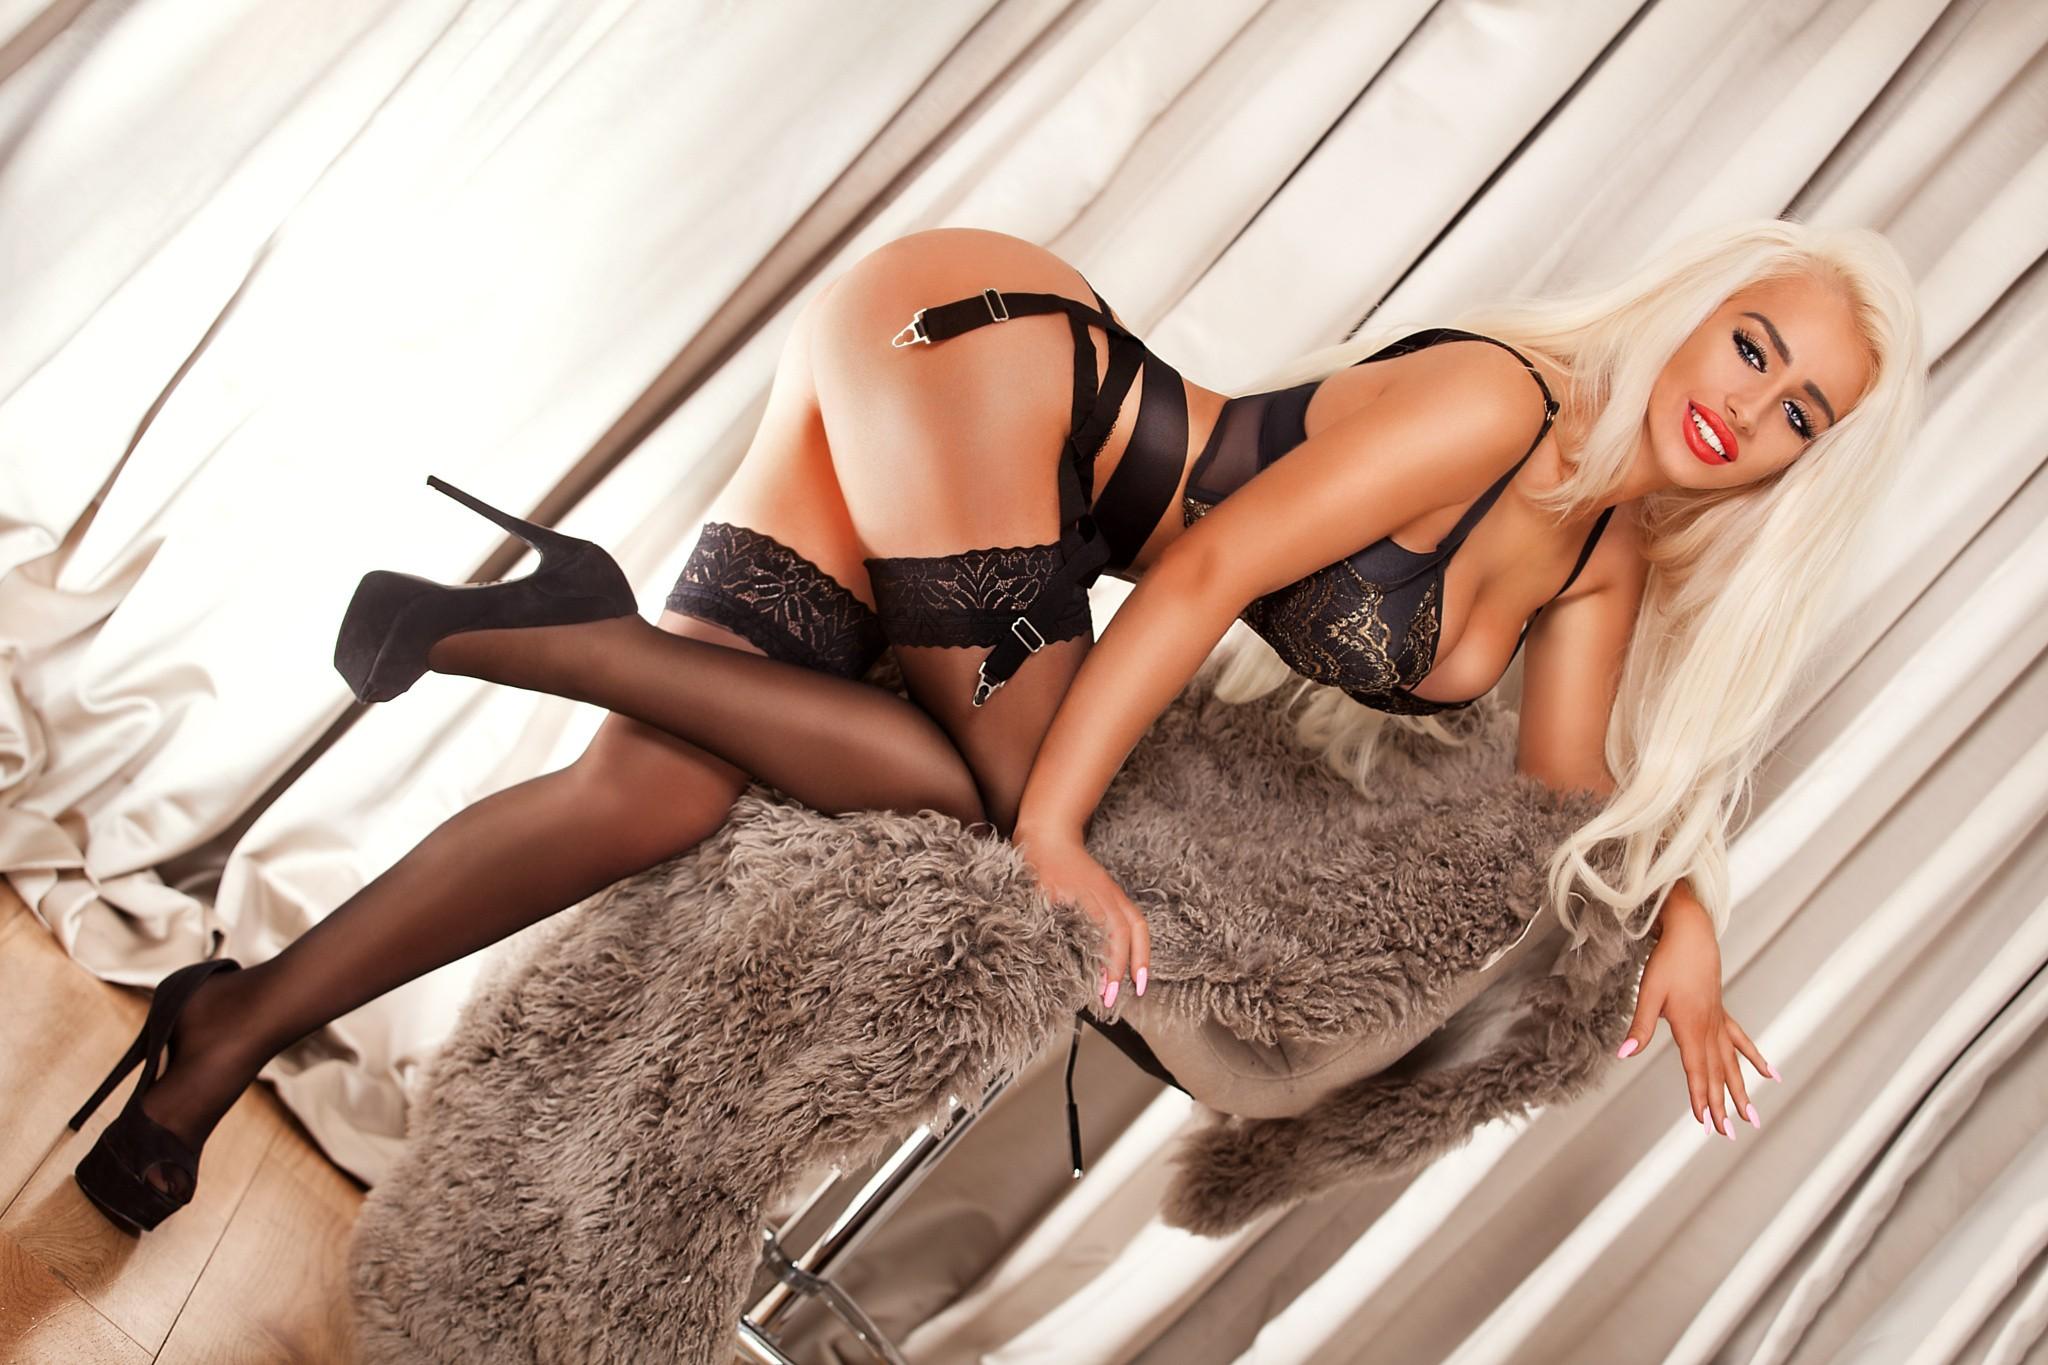 гладил между блондинки черных чулках пар ничего слышно